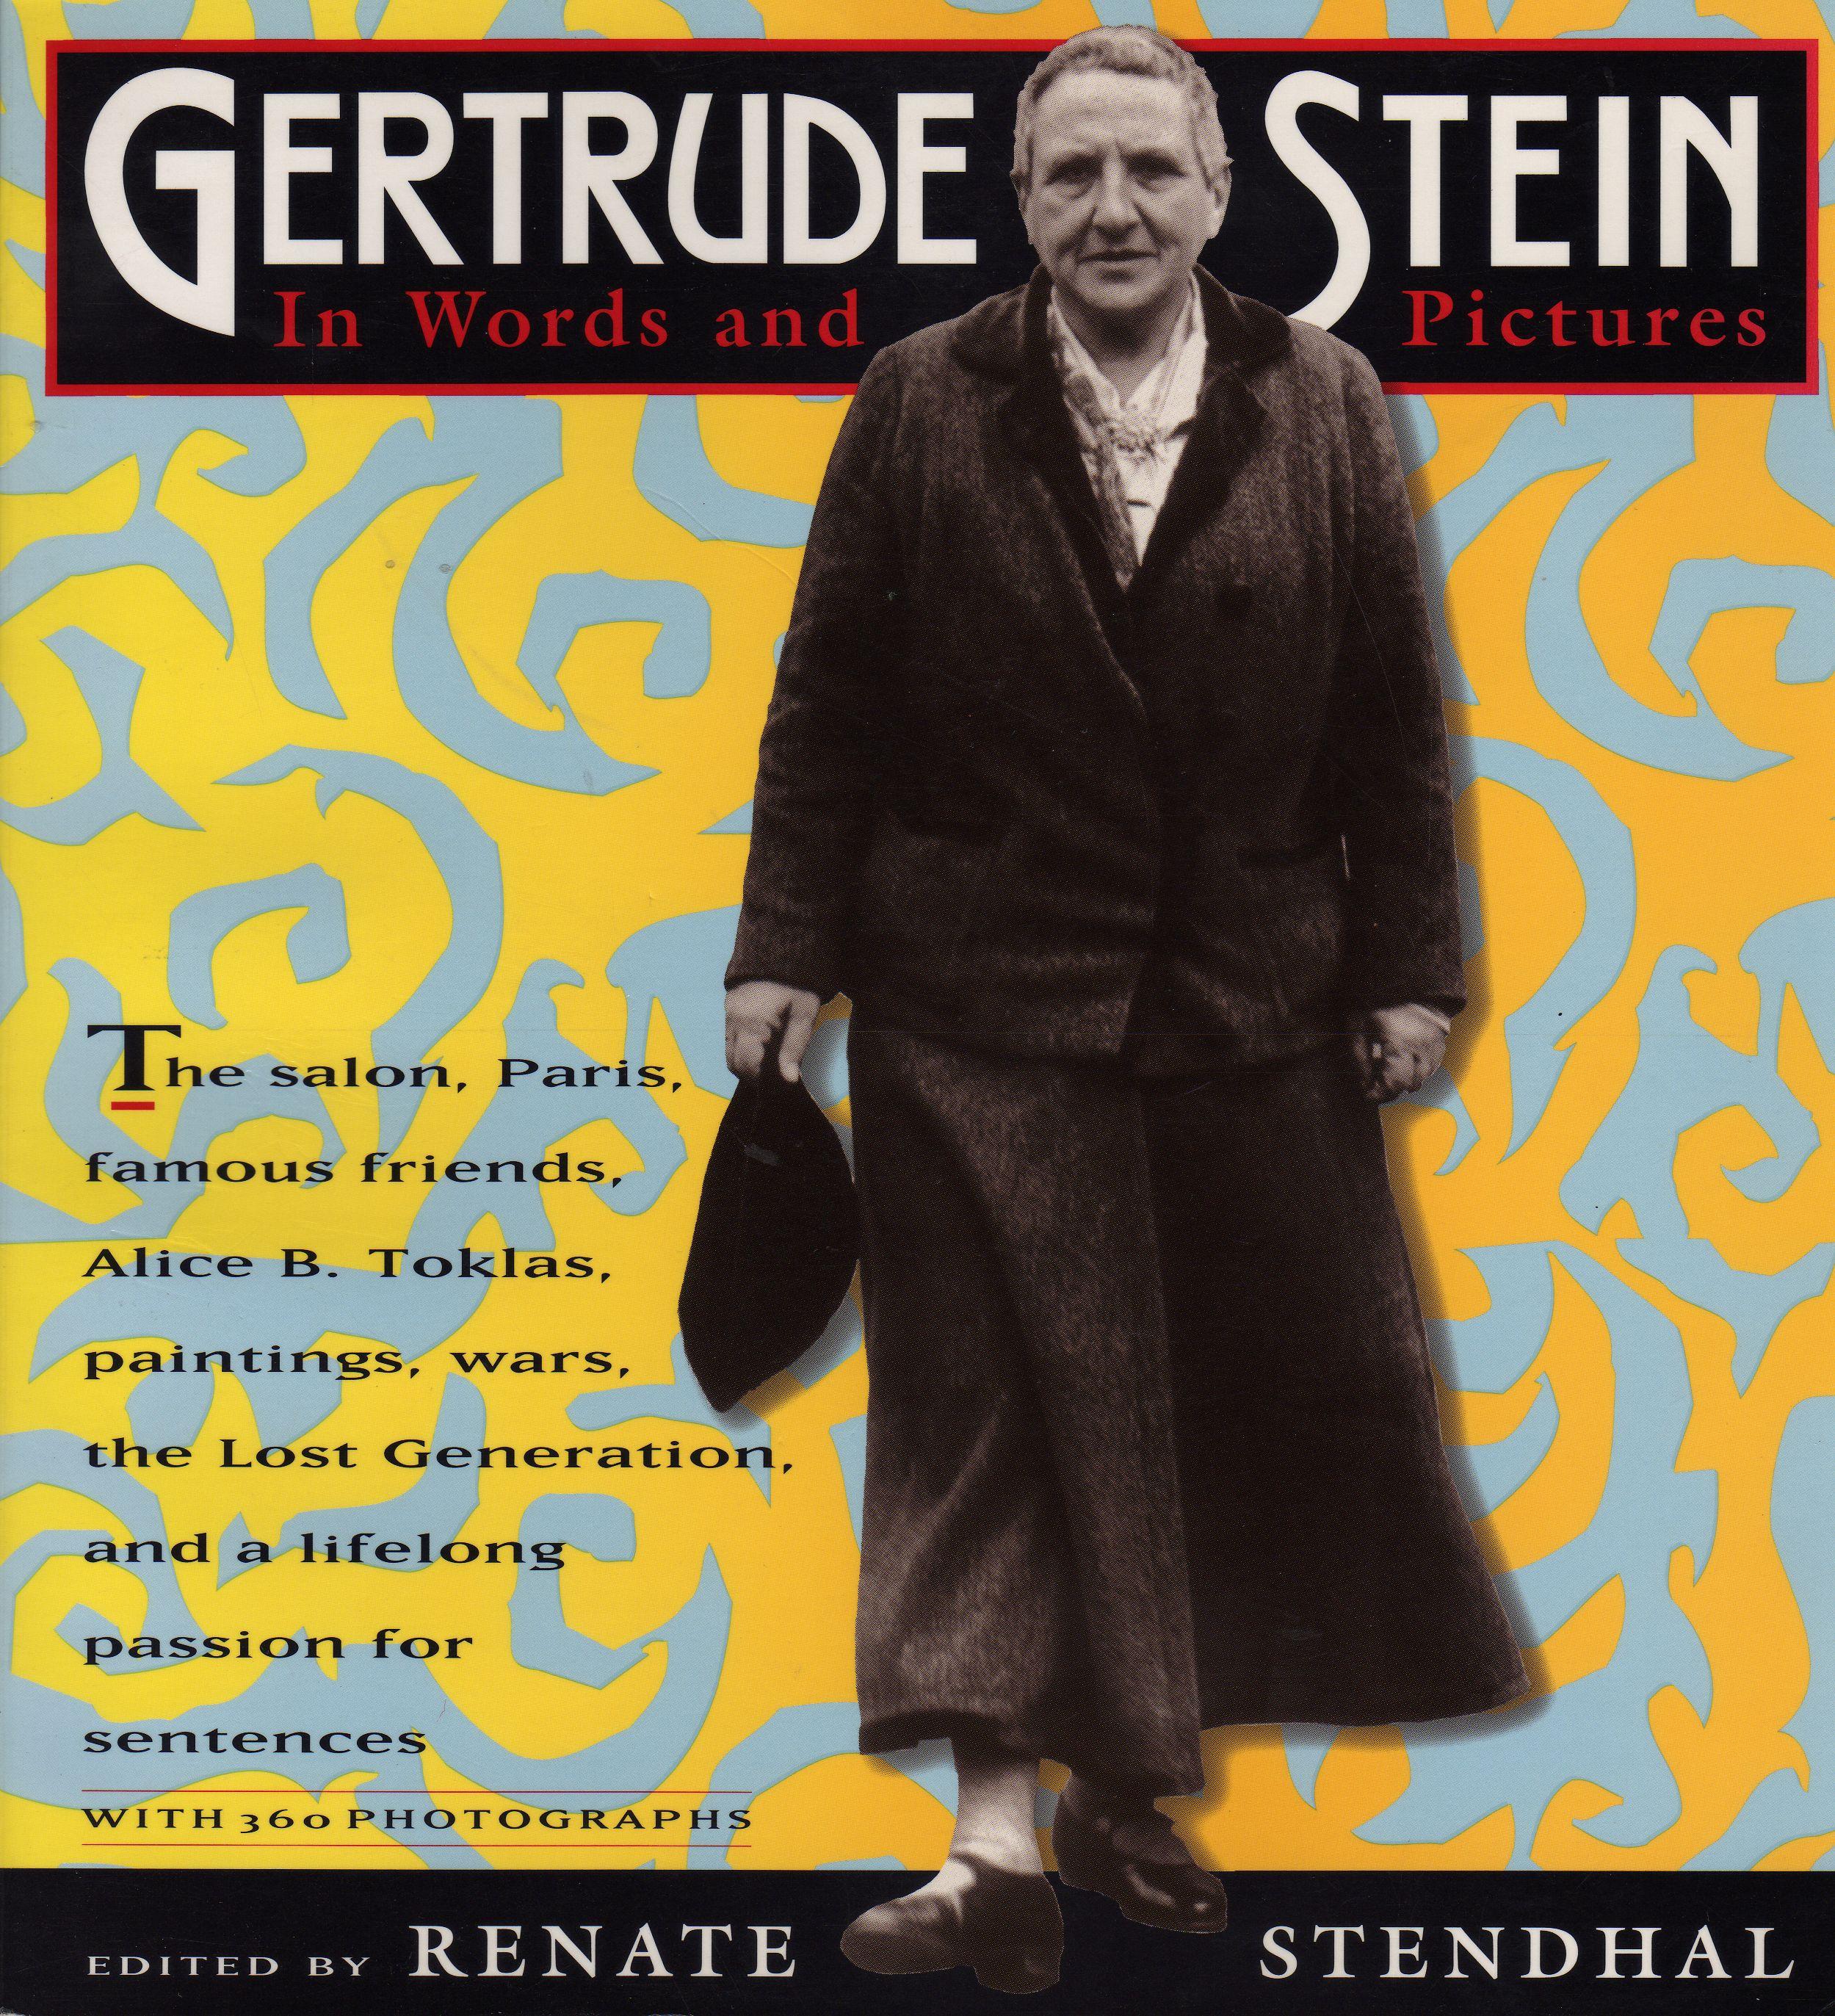 Gertrude Stein quote #1